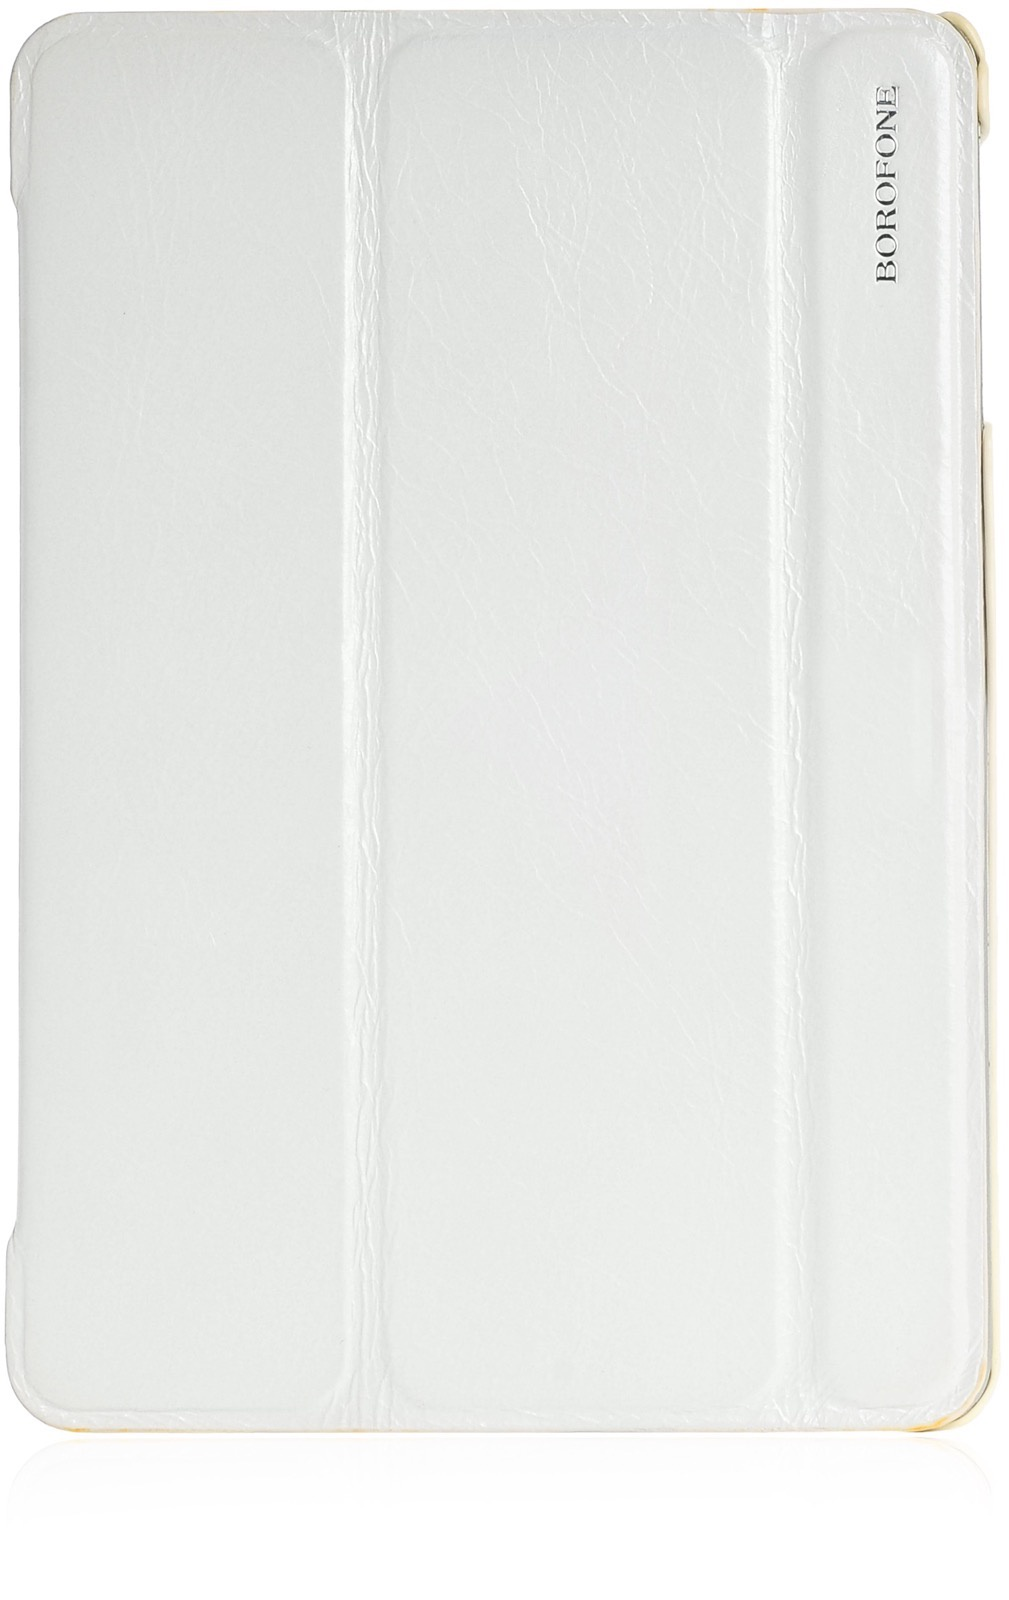 Чехол для планшета Borofone книжка кожа white для Apple iPad mini 1/2/3 7.9, белый